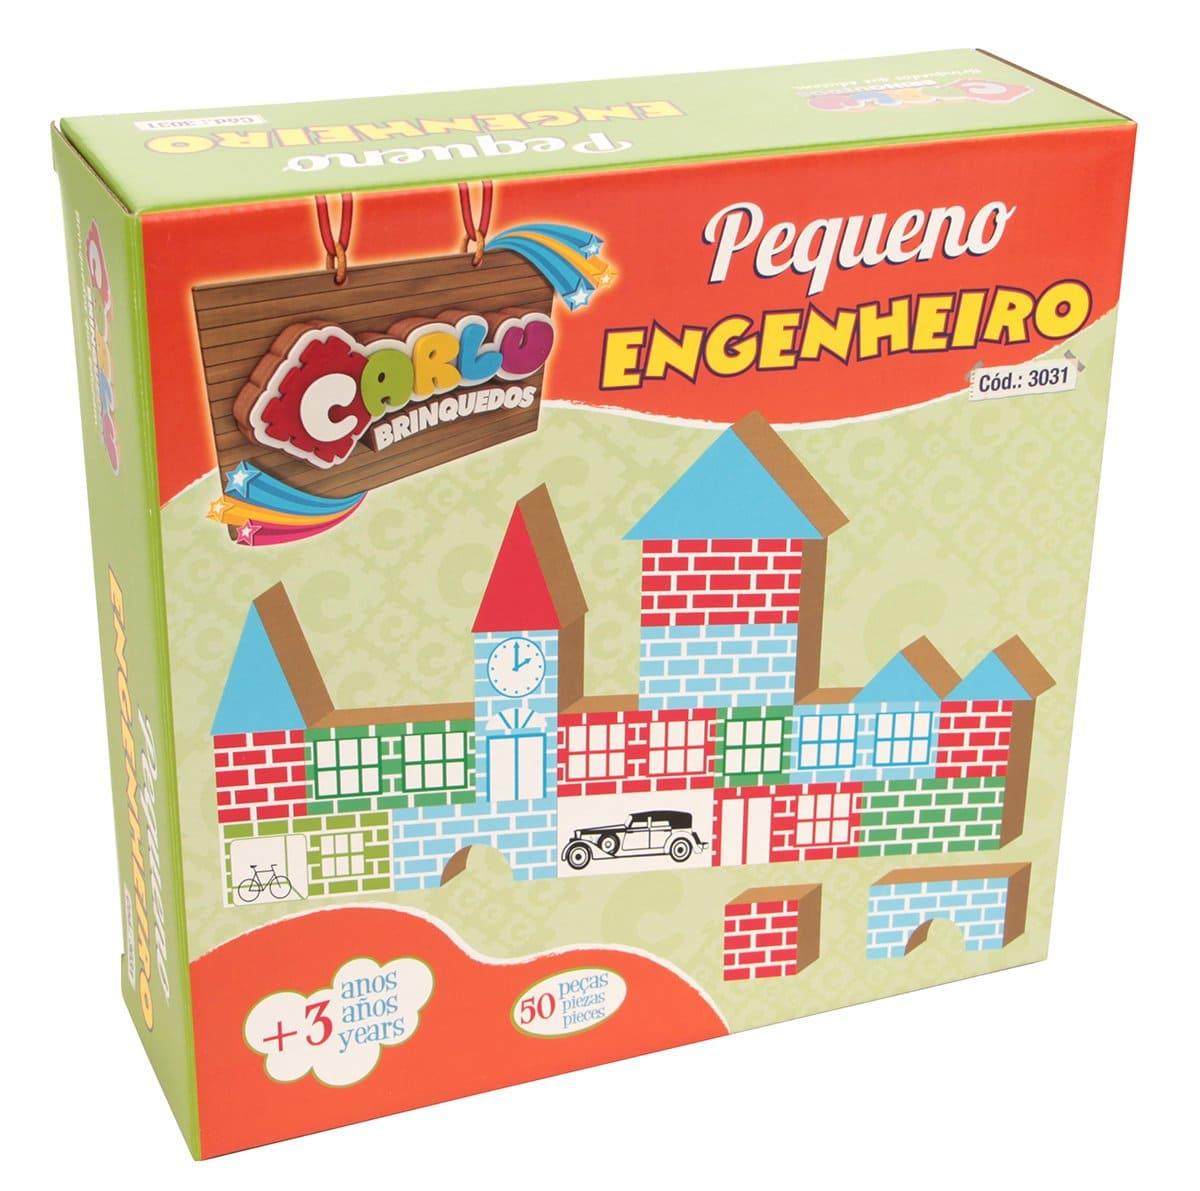 Pequeno Engenheiro - Cx. Papel  - Alegria Brinquedos